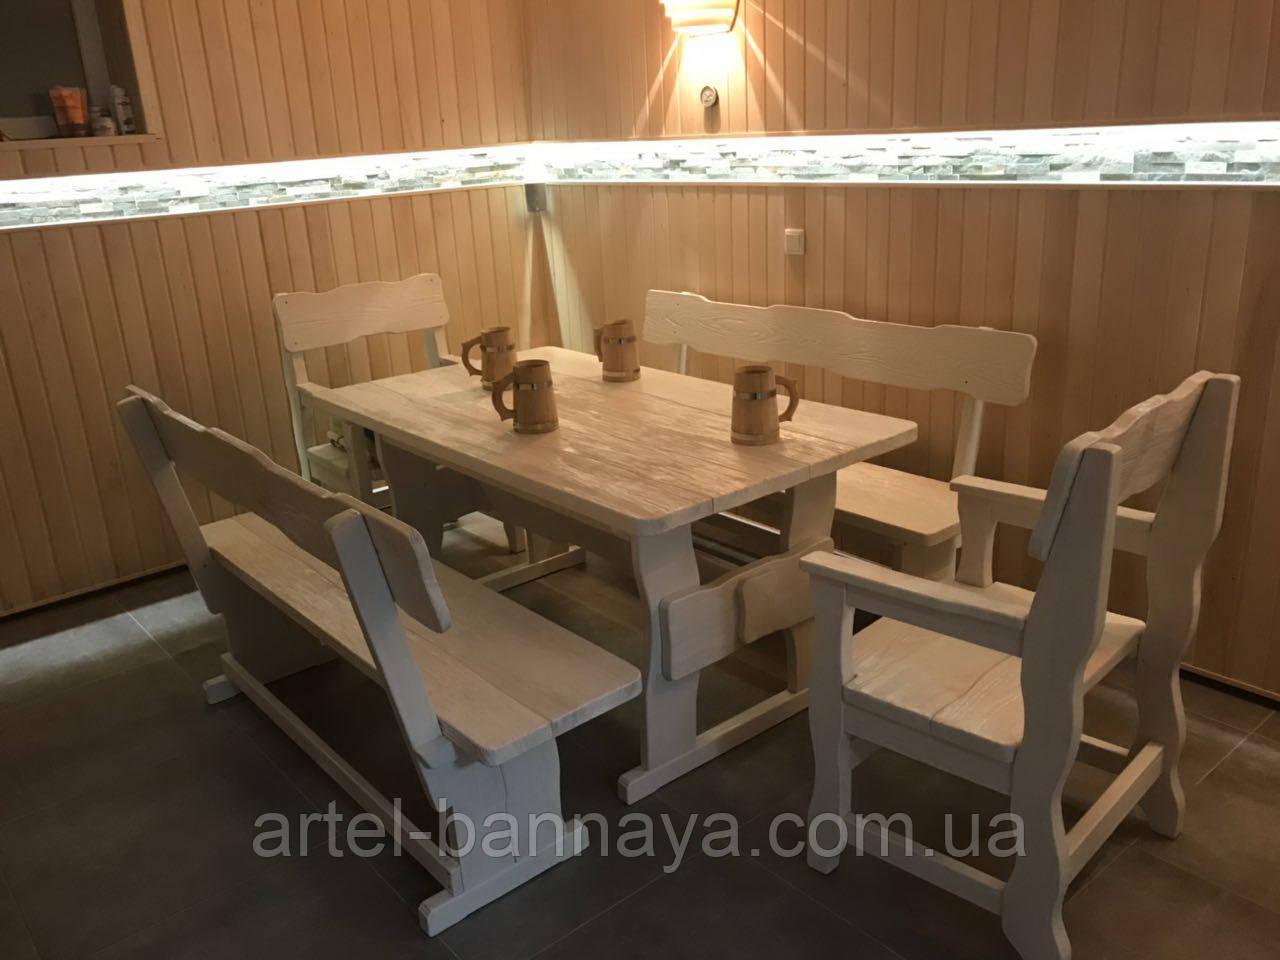 Мебель для бани и сауны из дерева от производителя